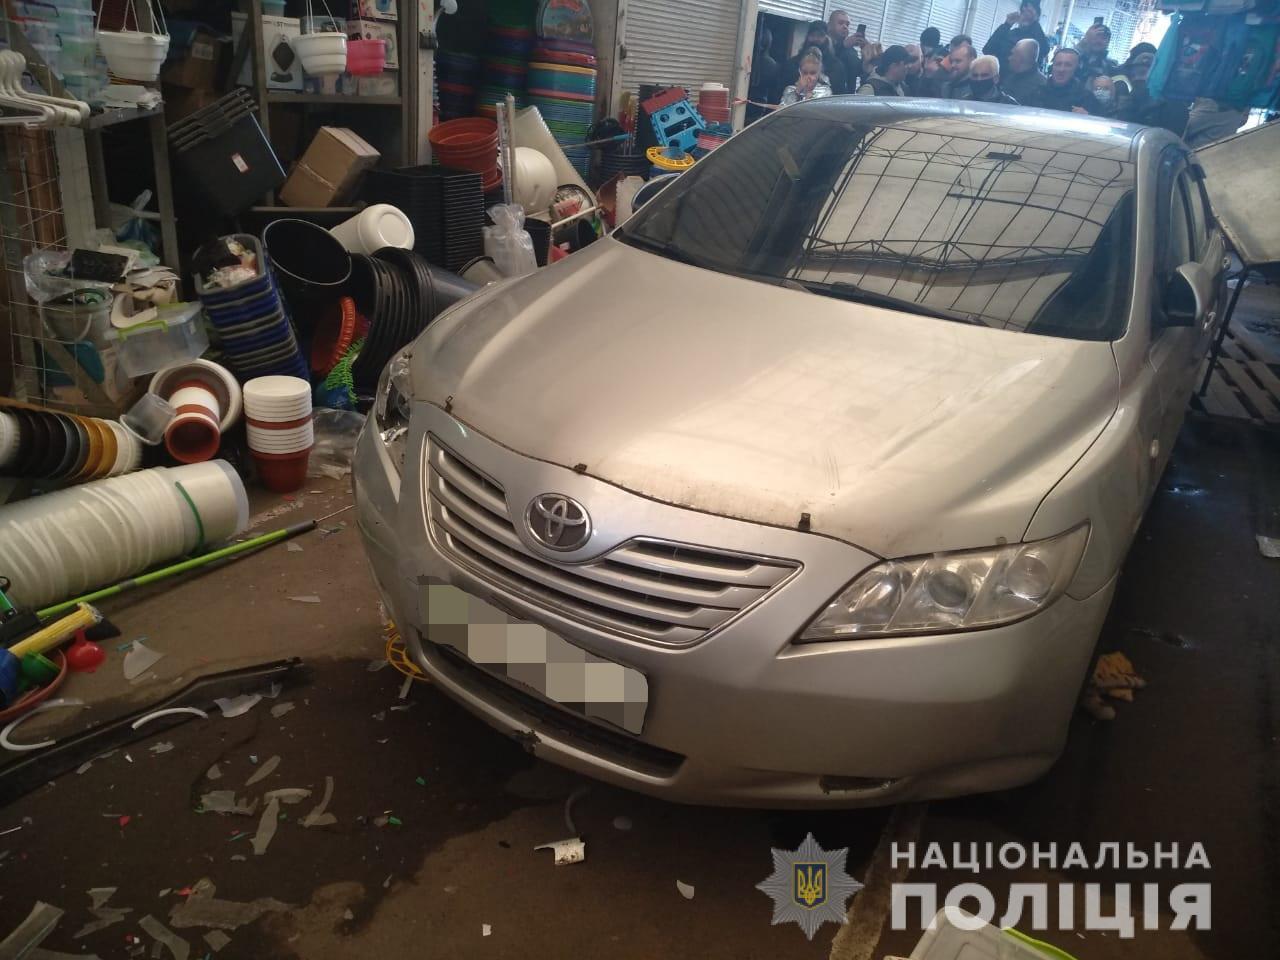 Пьяный харьковчанин въехал в торговый павильон : пострадали два человека (фото)